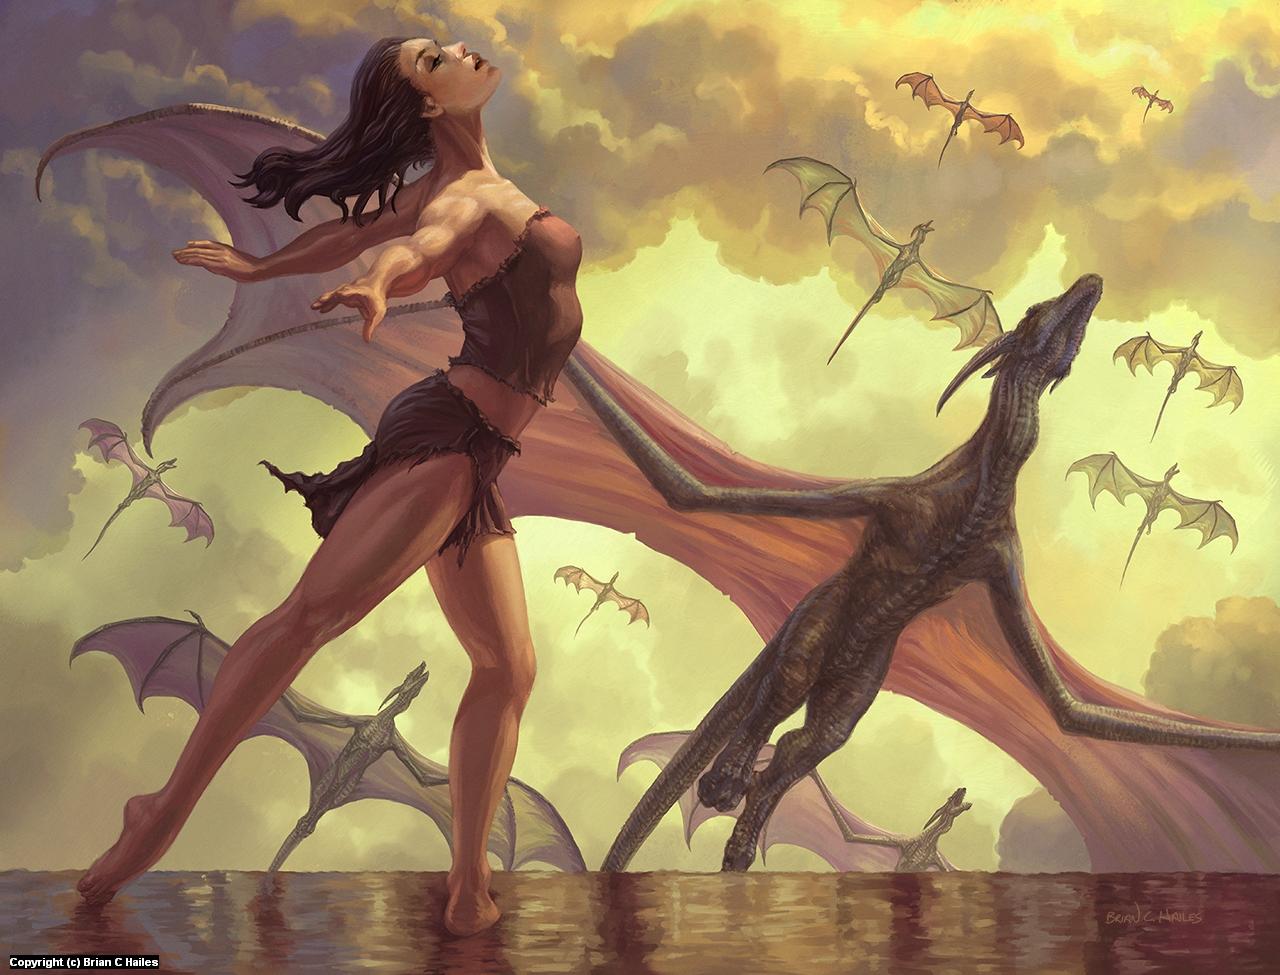 Dragon Dance Artwork by Brian C. Hailes